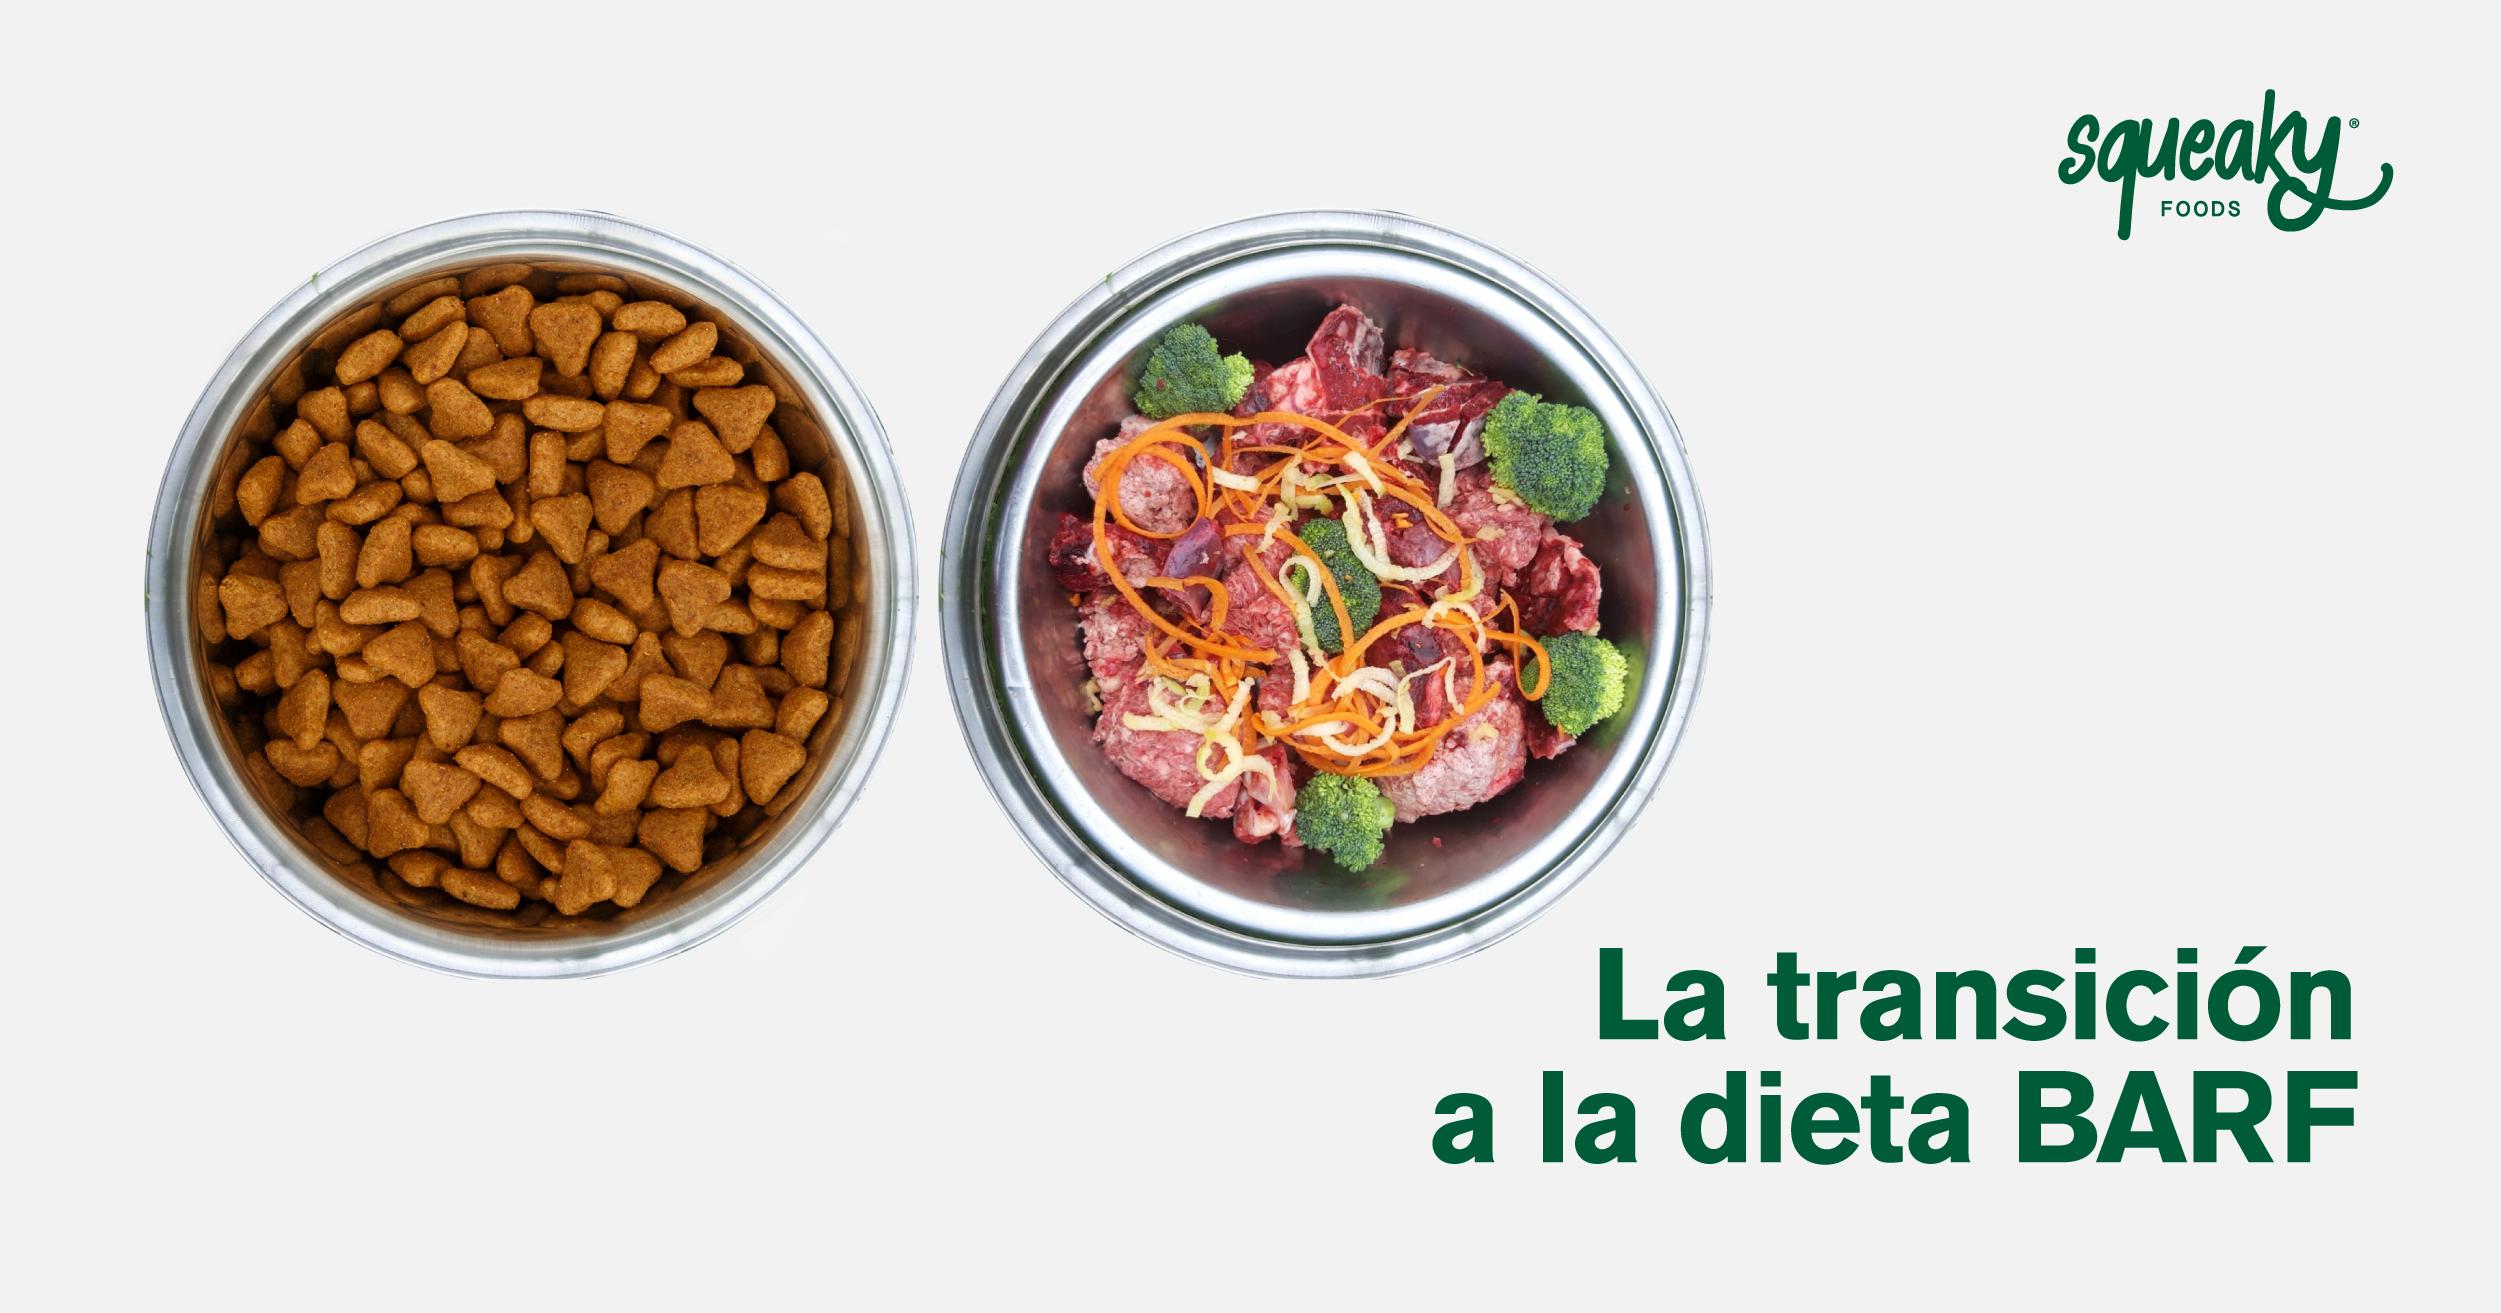 ¿Cómo hacer la transición a la dieta BARF?